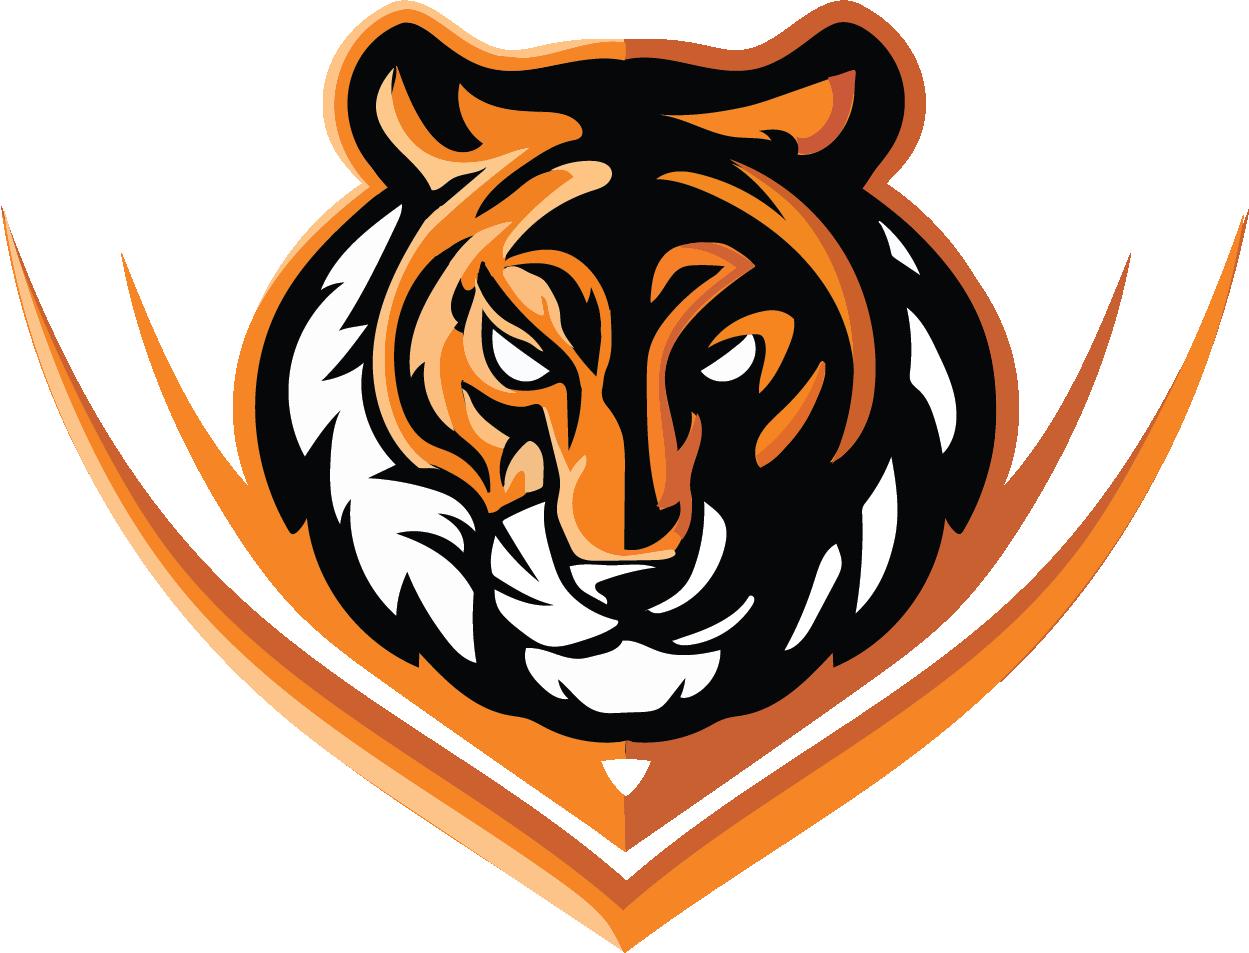 Barnegat LoL's logo